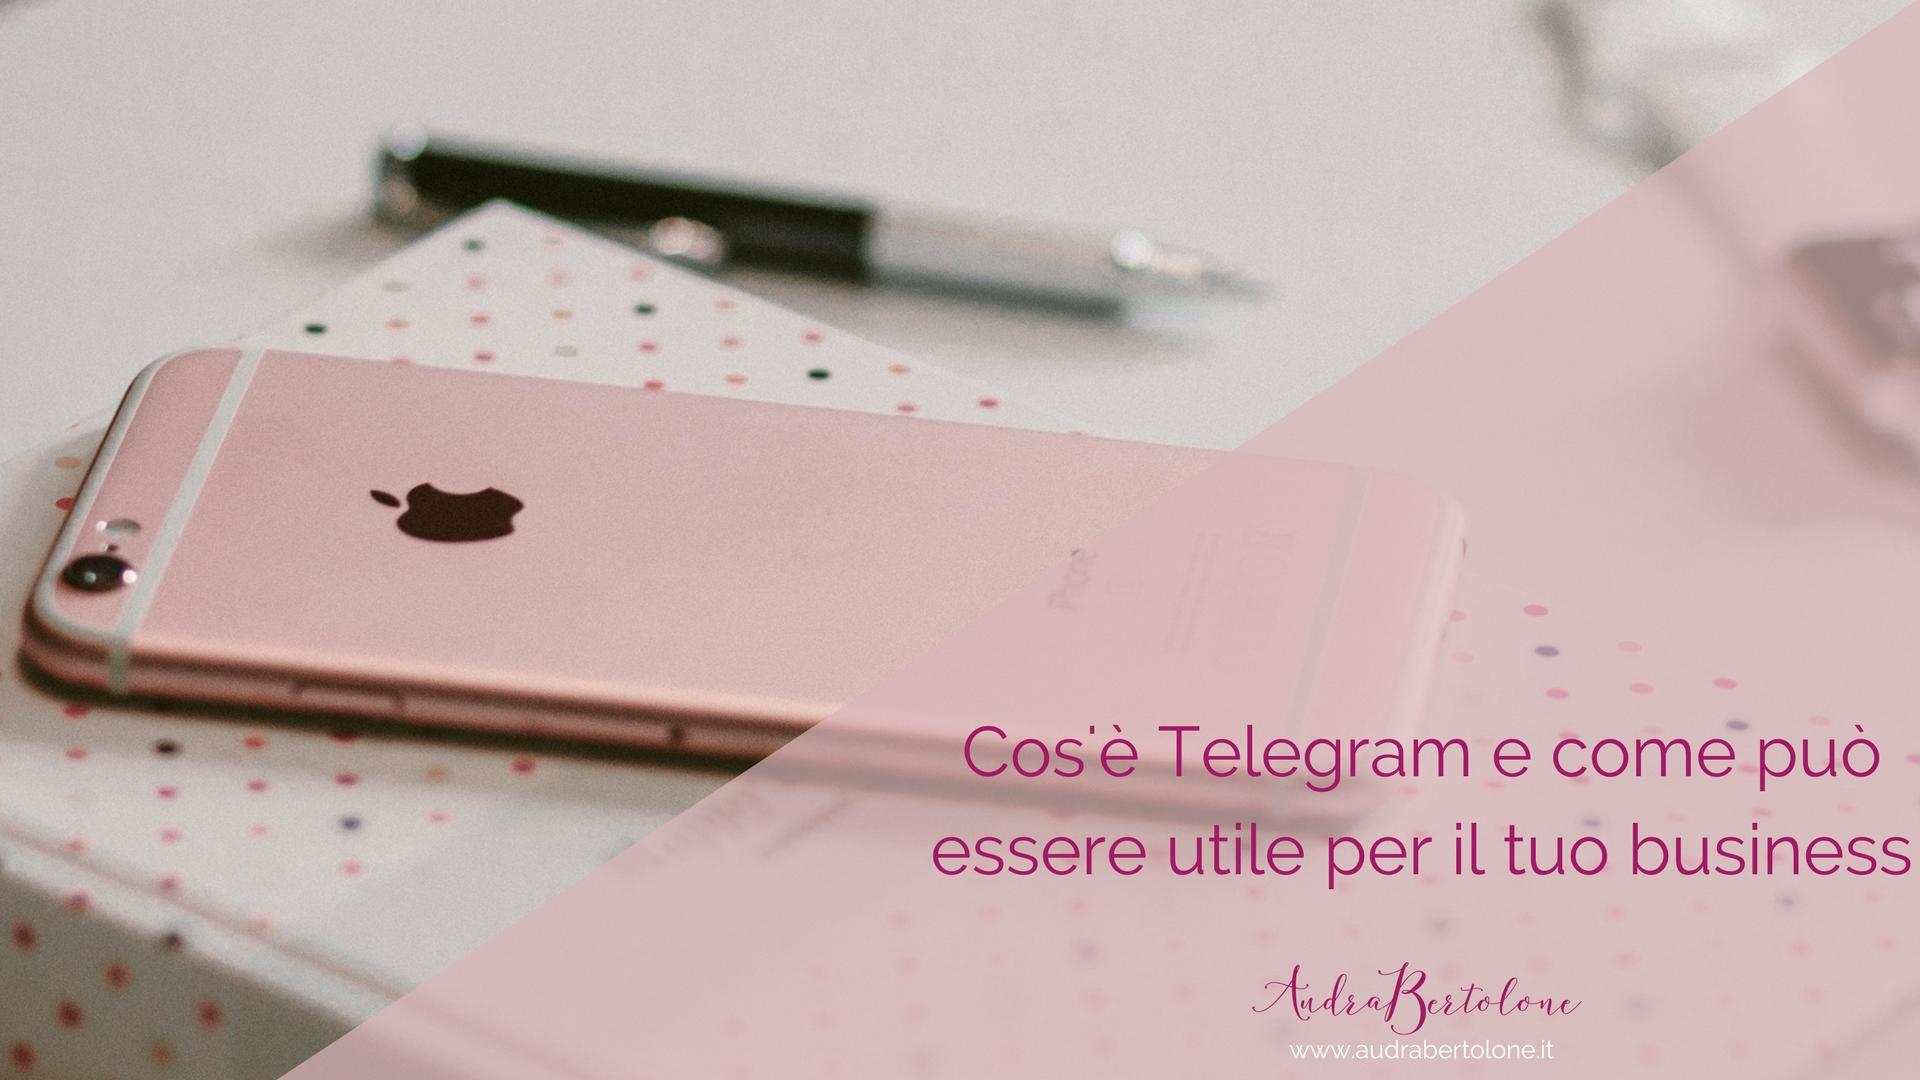 Cos'è Telegram e come può essere utile per il tuo business